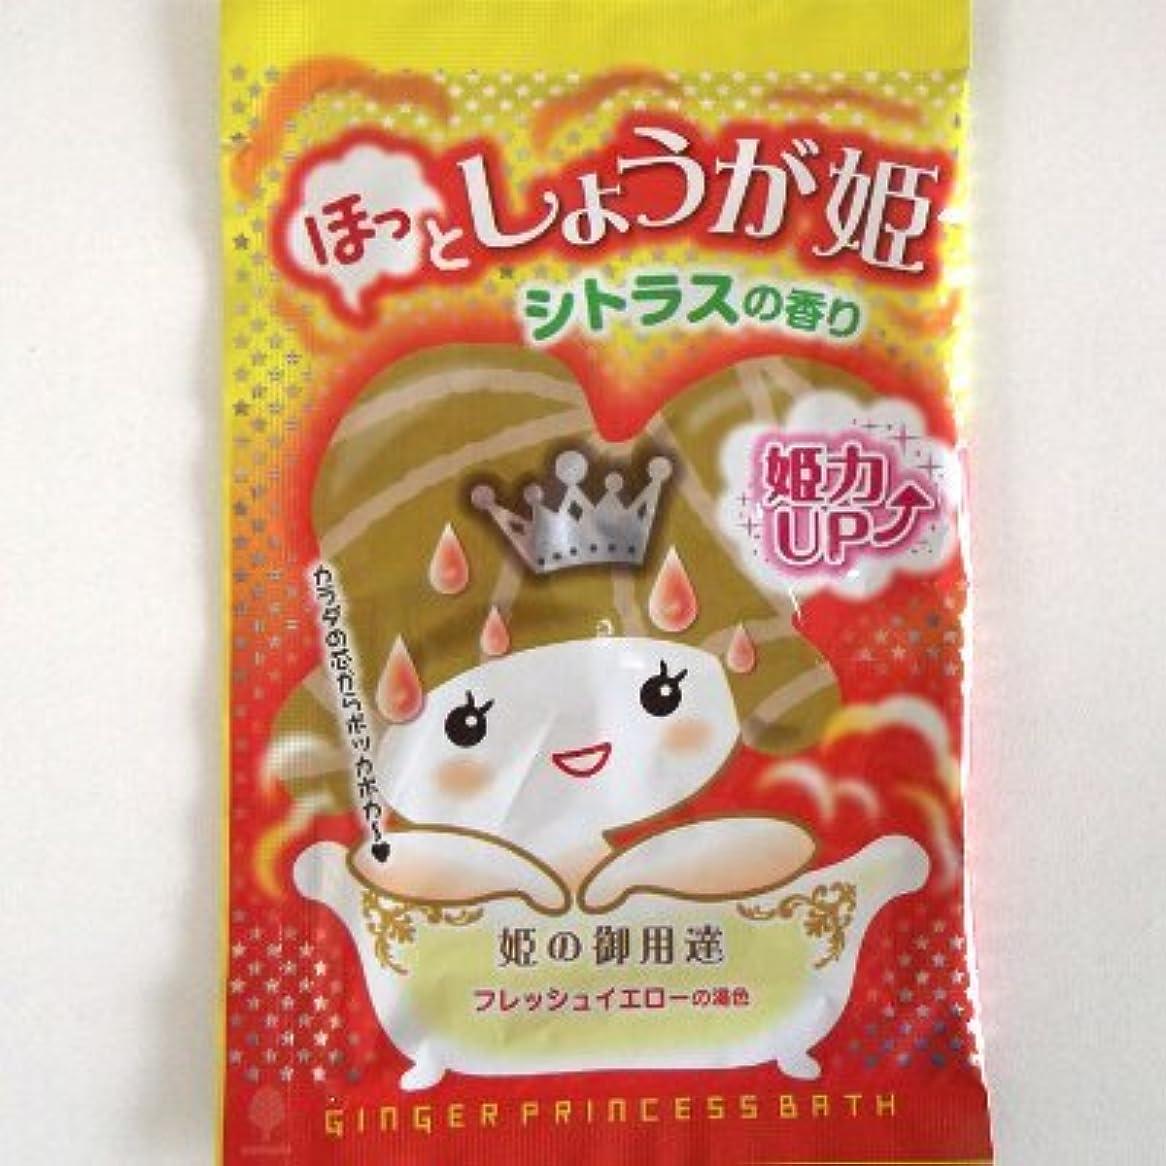 強調ピケ自治紀陽除虫菊 ほっとしょうが姫 シトラスの香り【まとめ買い12個セット】 N-8401